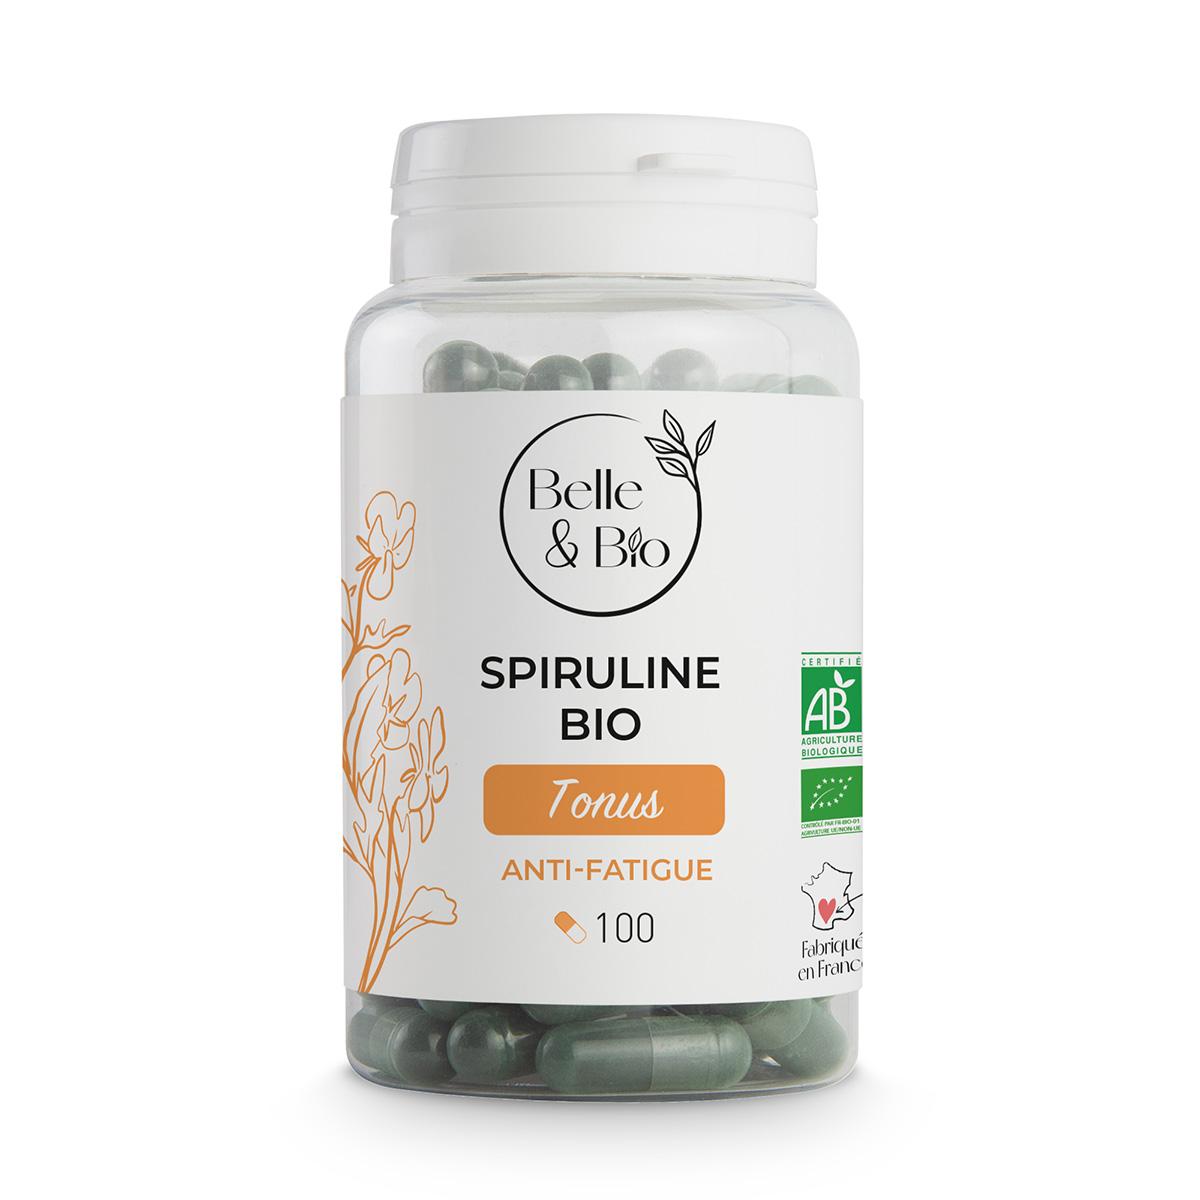 Belle & Bio - Spiruline Bio - Tonus - 100 Gélules - Certifié AB par Ecocert